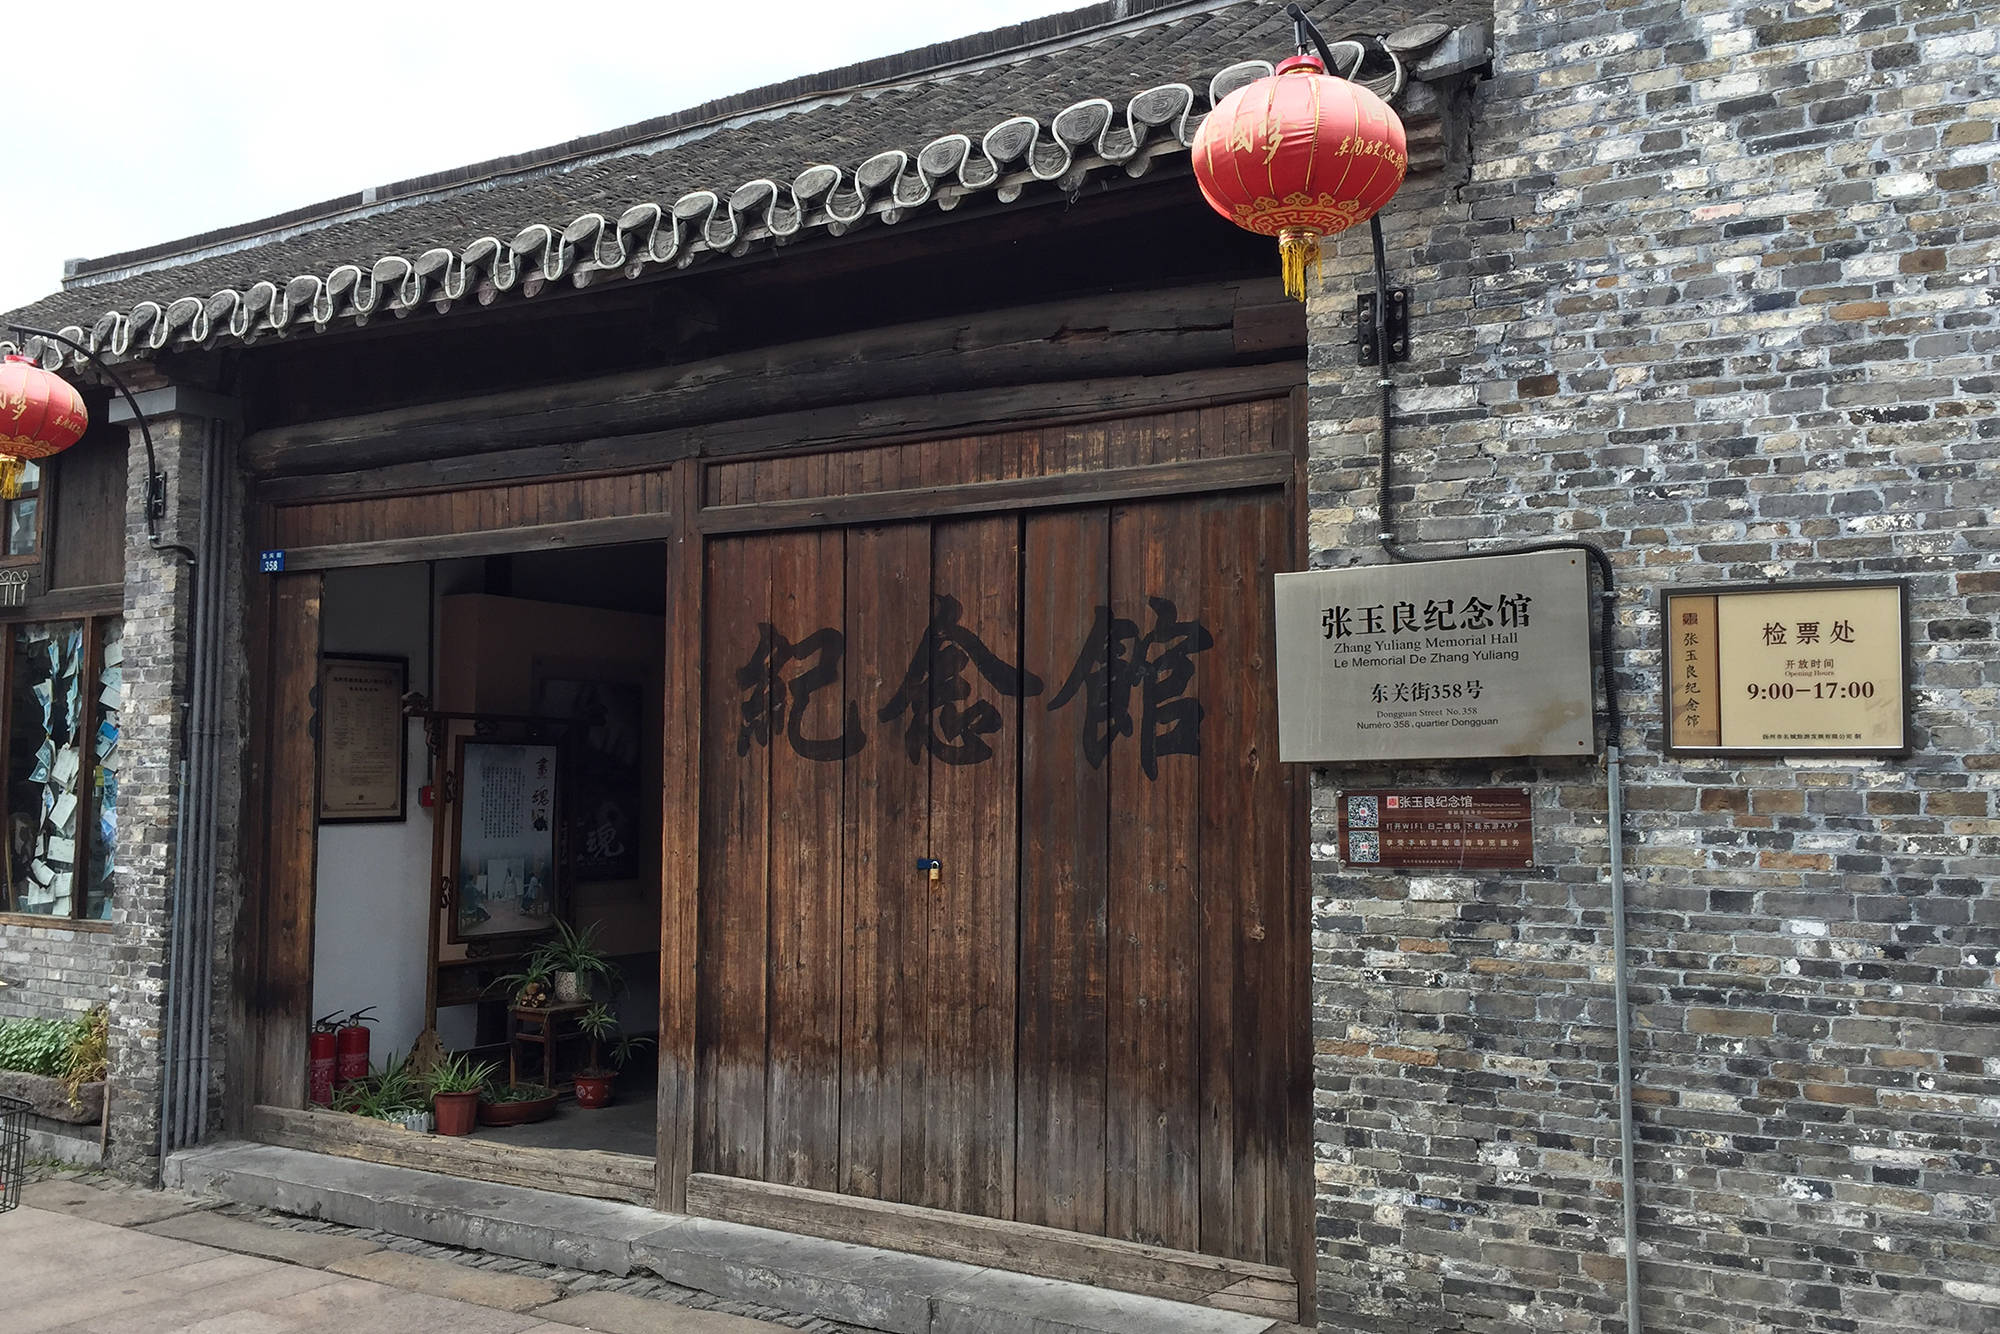 原创             扬州旅游必打卡的3个景点,其中一个是世界文化遗产,建议收藏